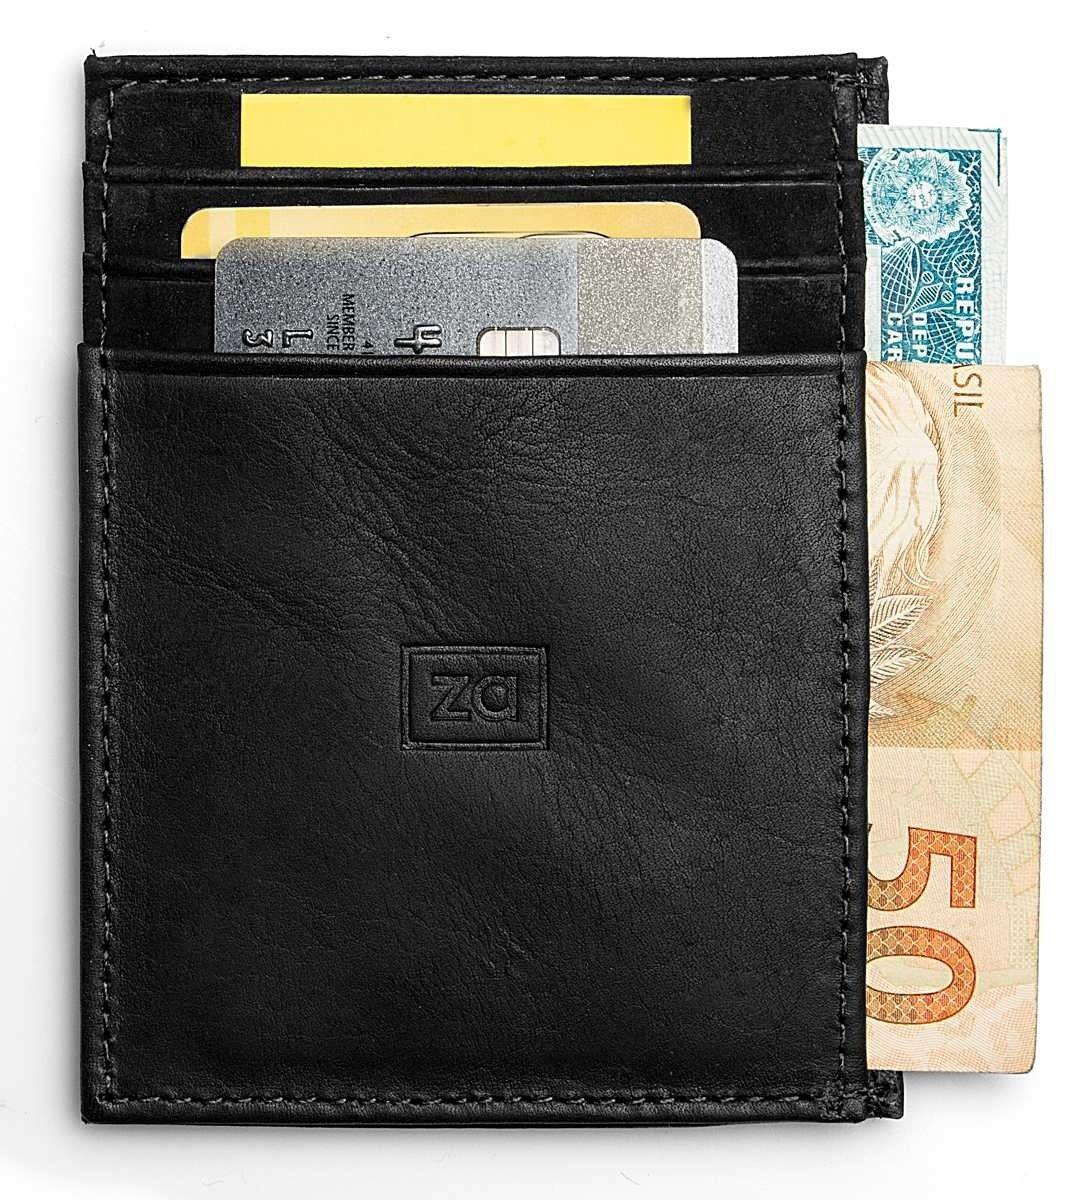 c124ca3ca8 Carteira Masculina Couro Porta Cartão Slim Pequena Zalupe no Elo7 ...